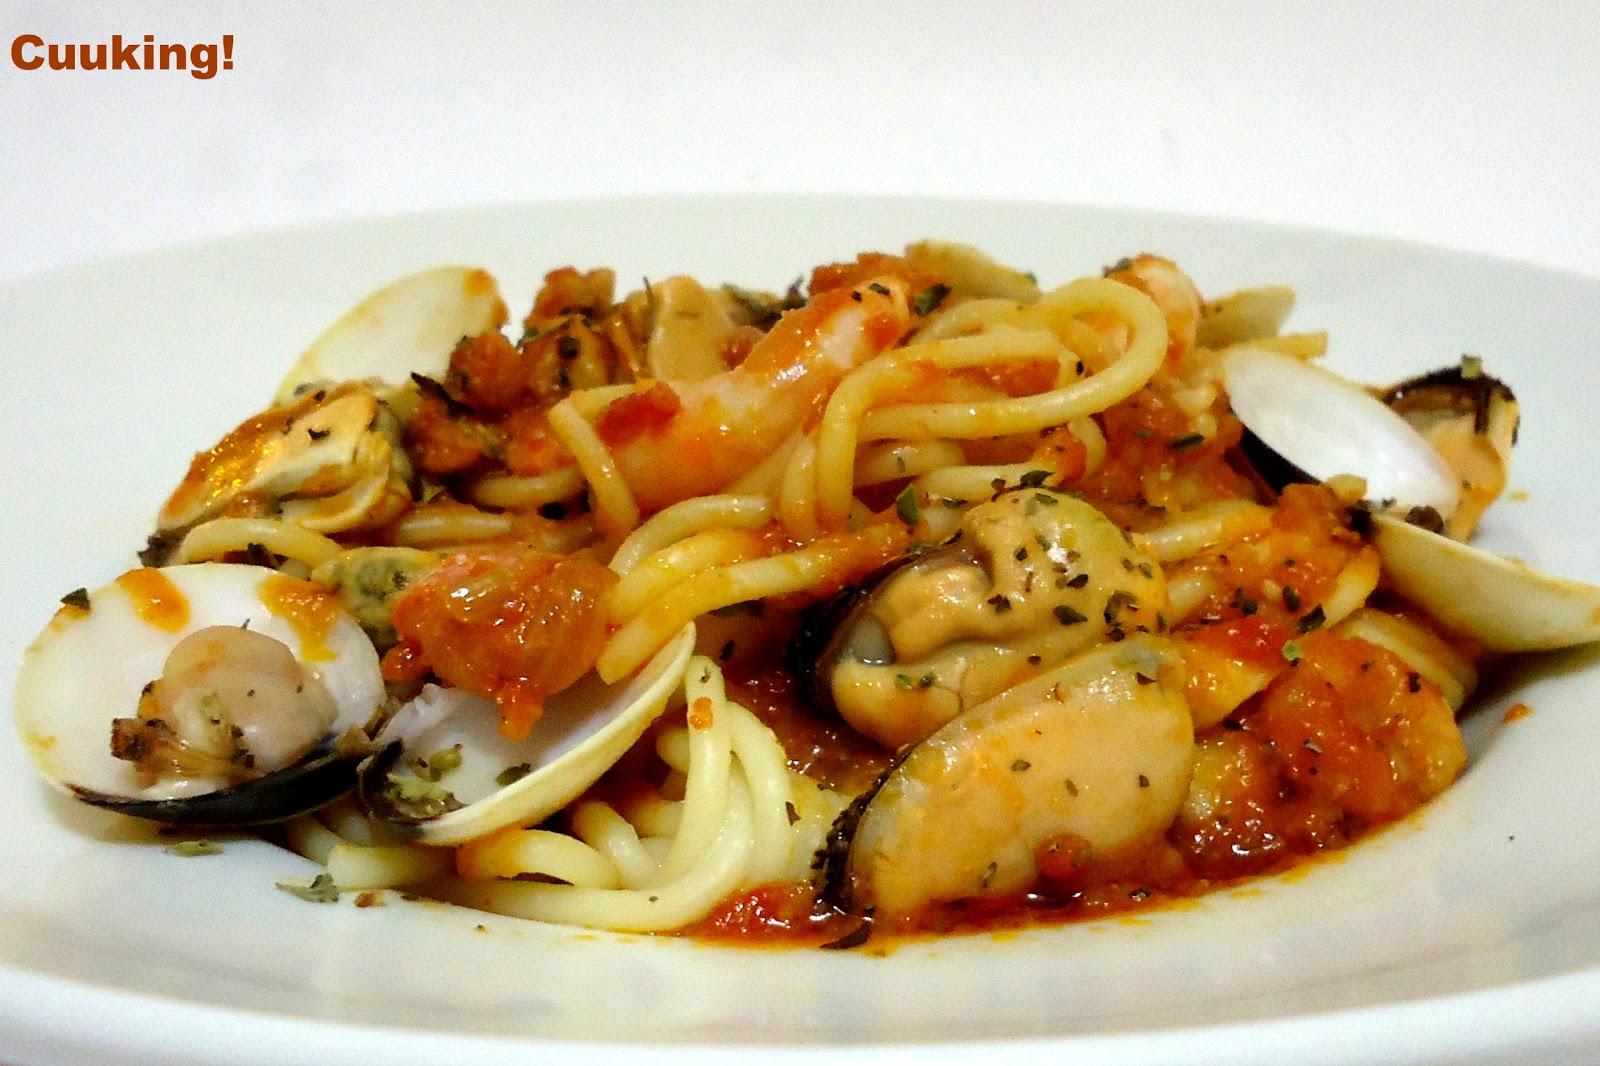 Spaghetti frutti di mare | Cuuking! Recetas de cocina